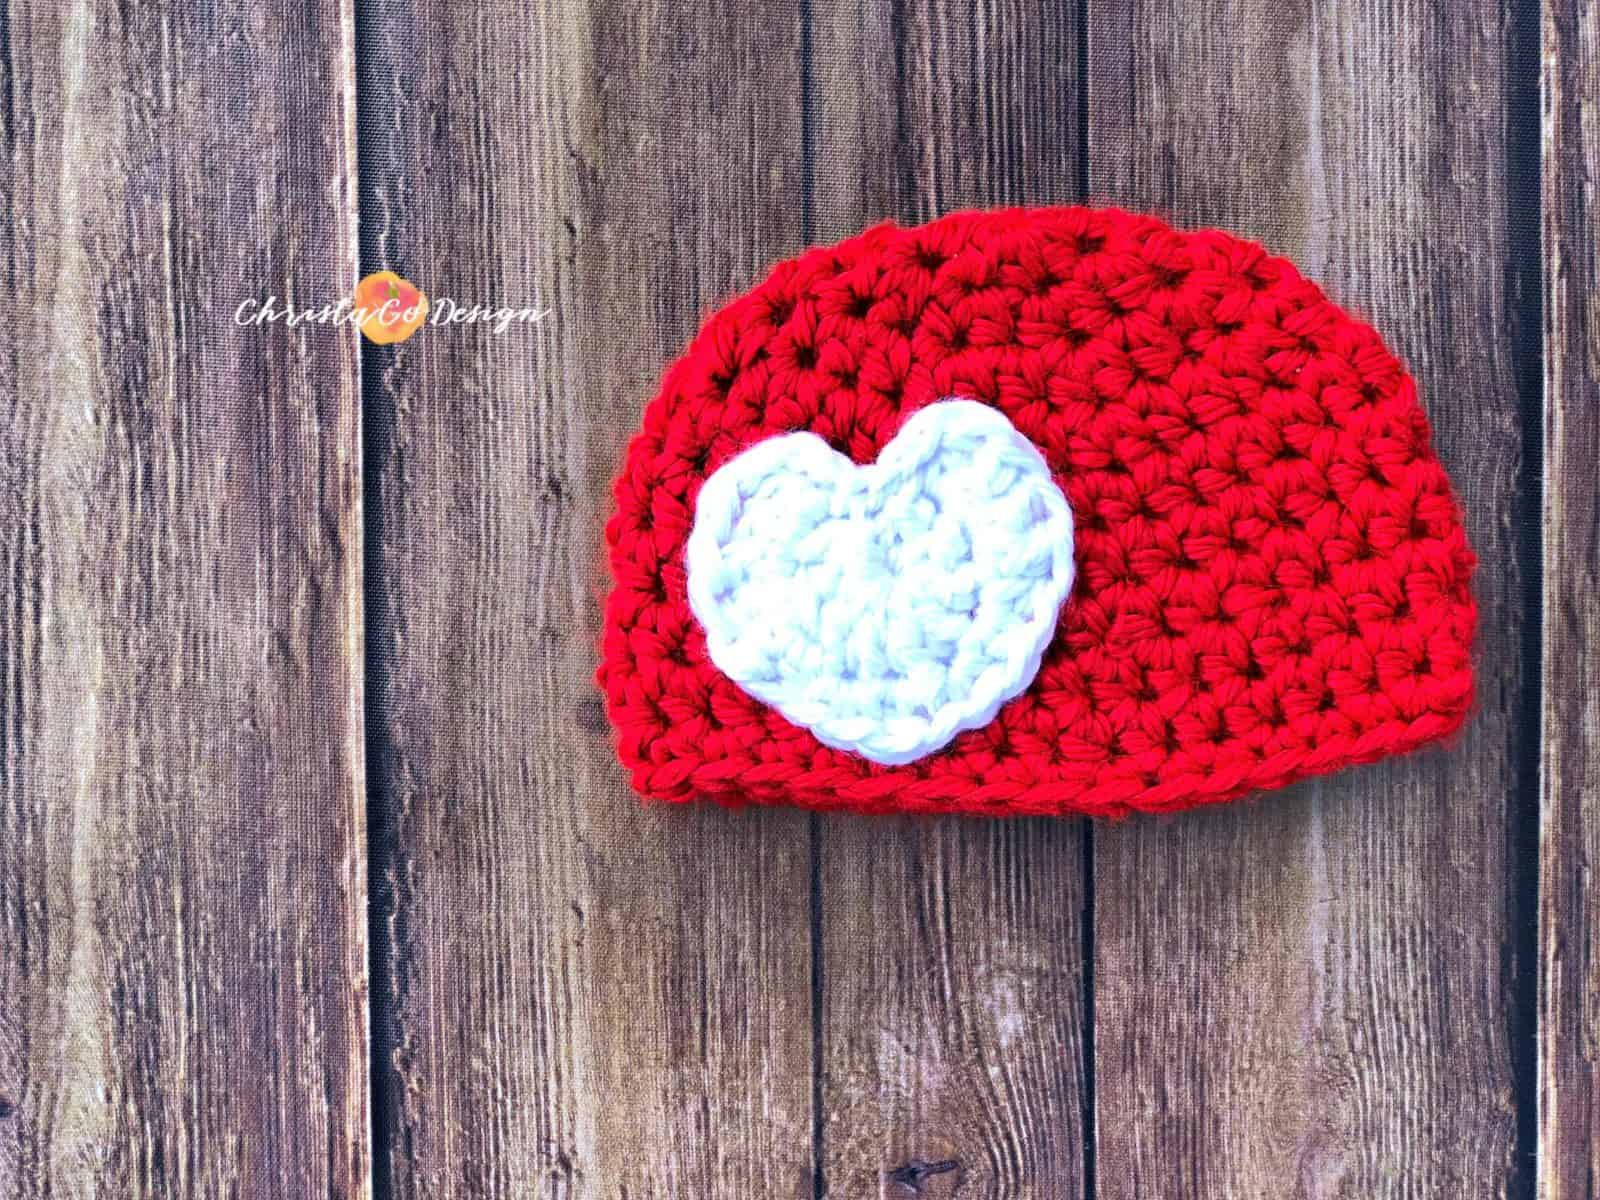 Minutes tiny crochet heart applique favecrafts